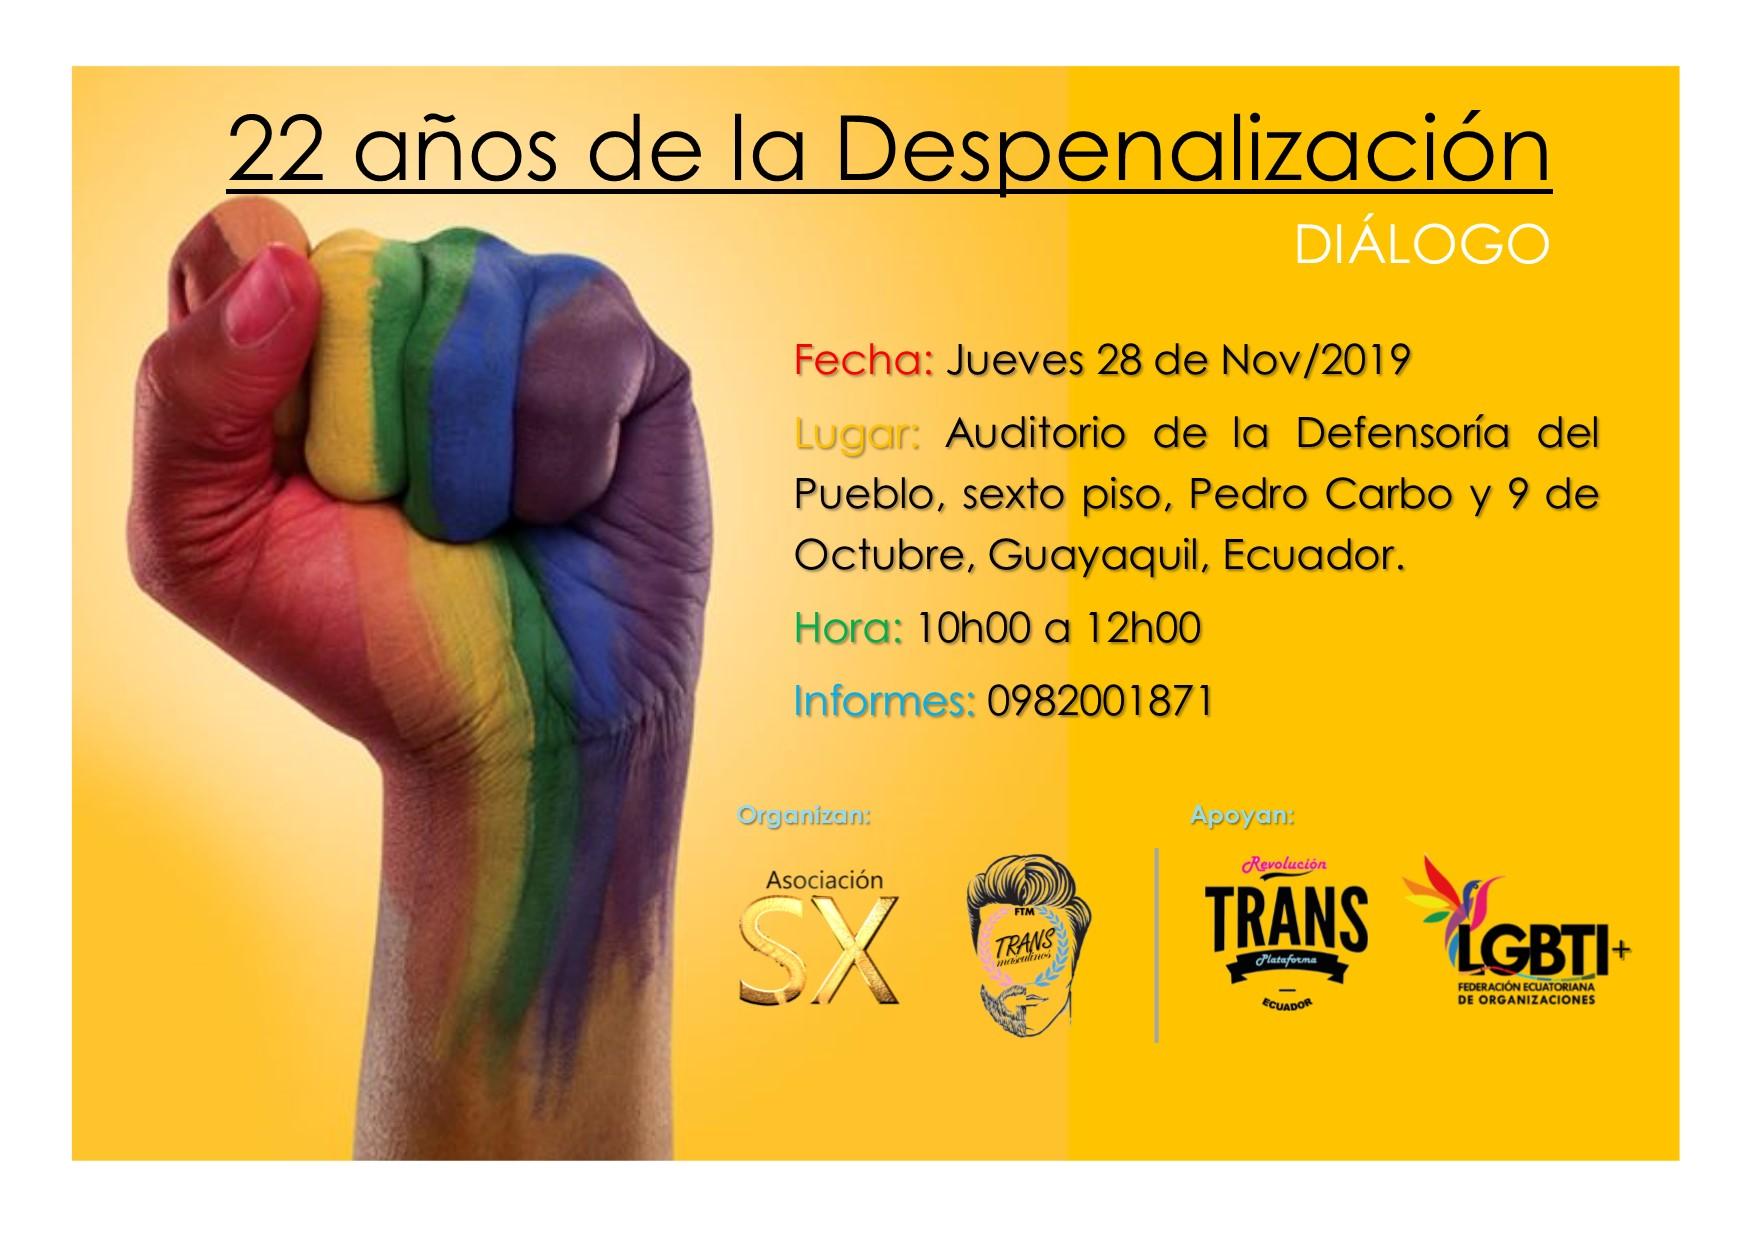 Coloquio 22 años de la Despenalización organizada por la Asociación Silueta X y Transmasculinos Ecuador